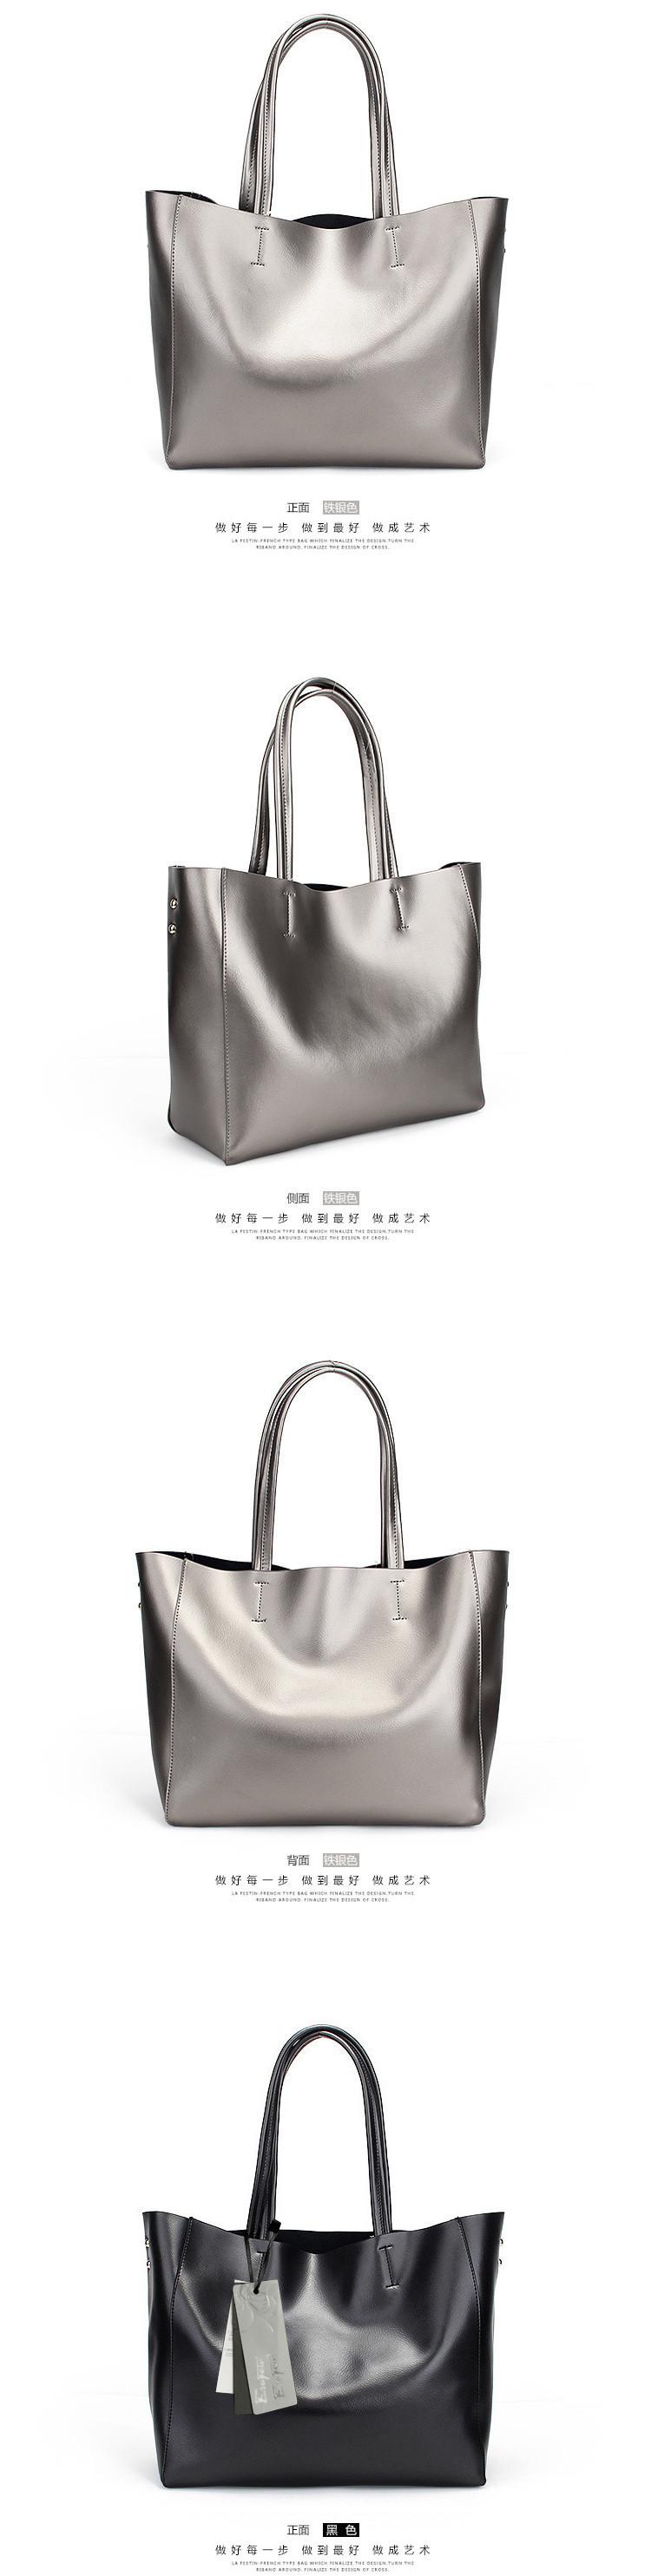 bag-inside-02